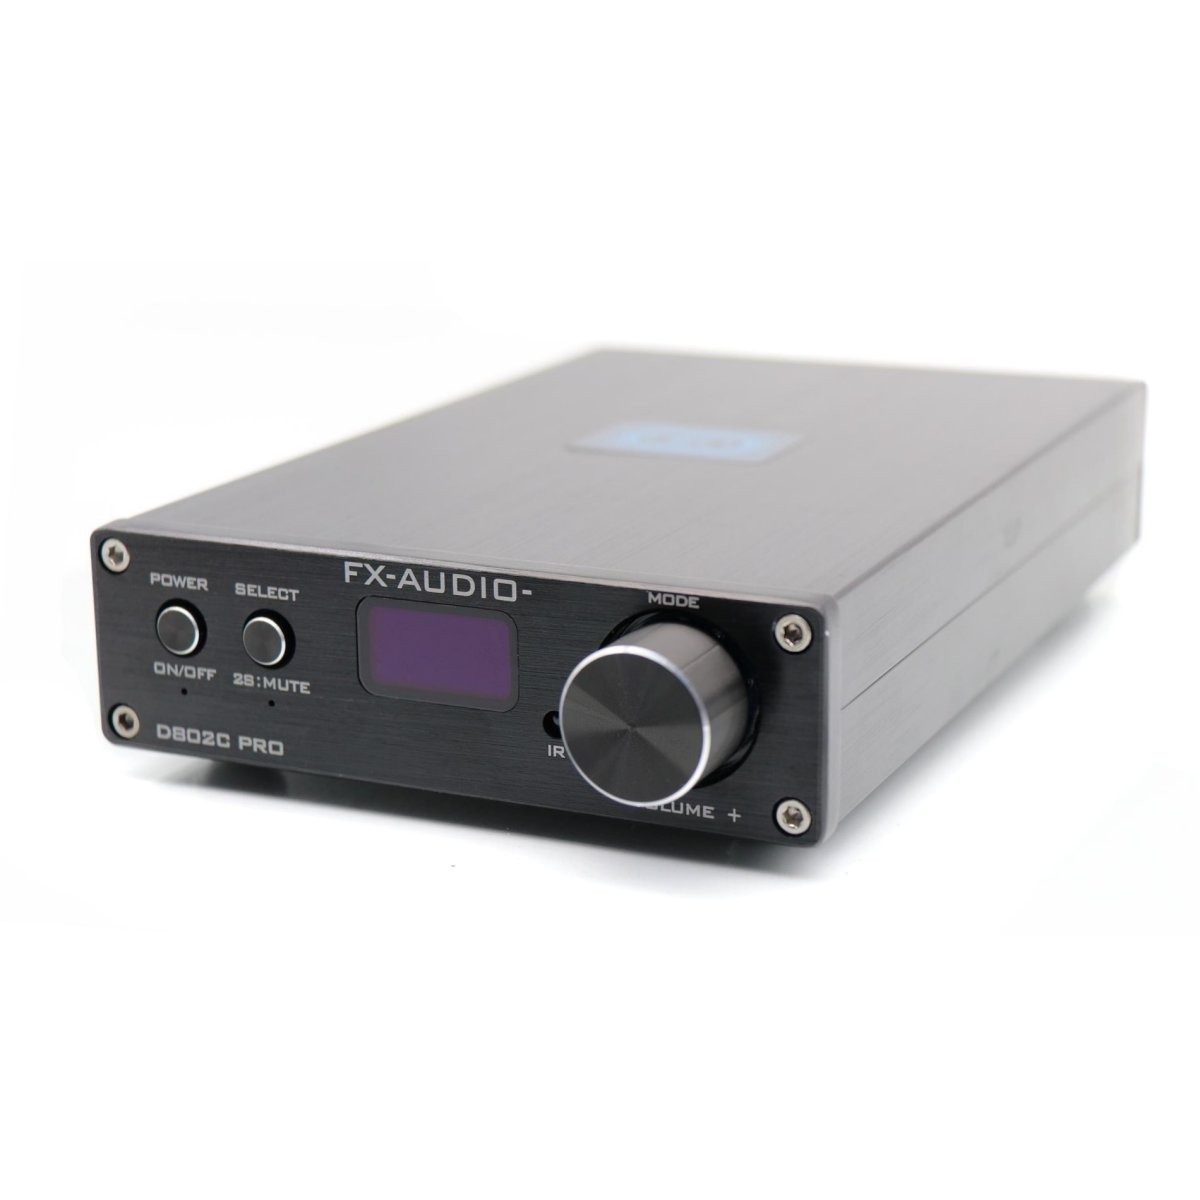 FX-AUDIO D802C PRO Amplificateur FDA Bluetooth 4.2 NFC Class D STA326 2x50W / 8 Ohm Noir